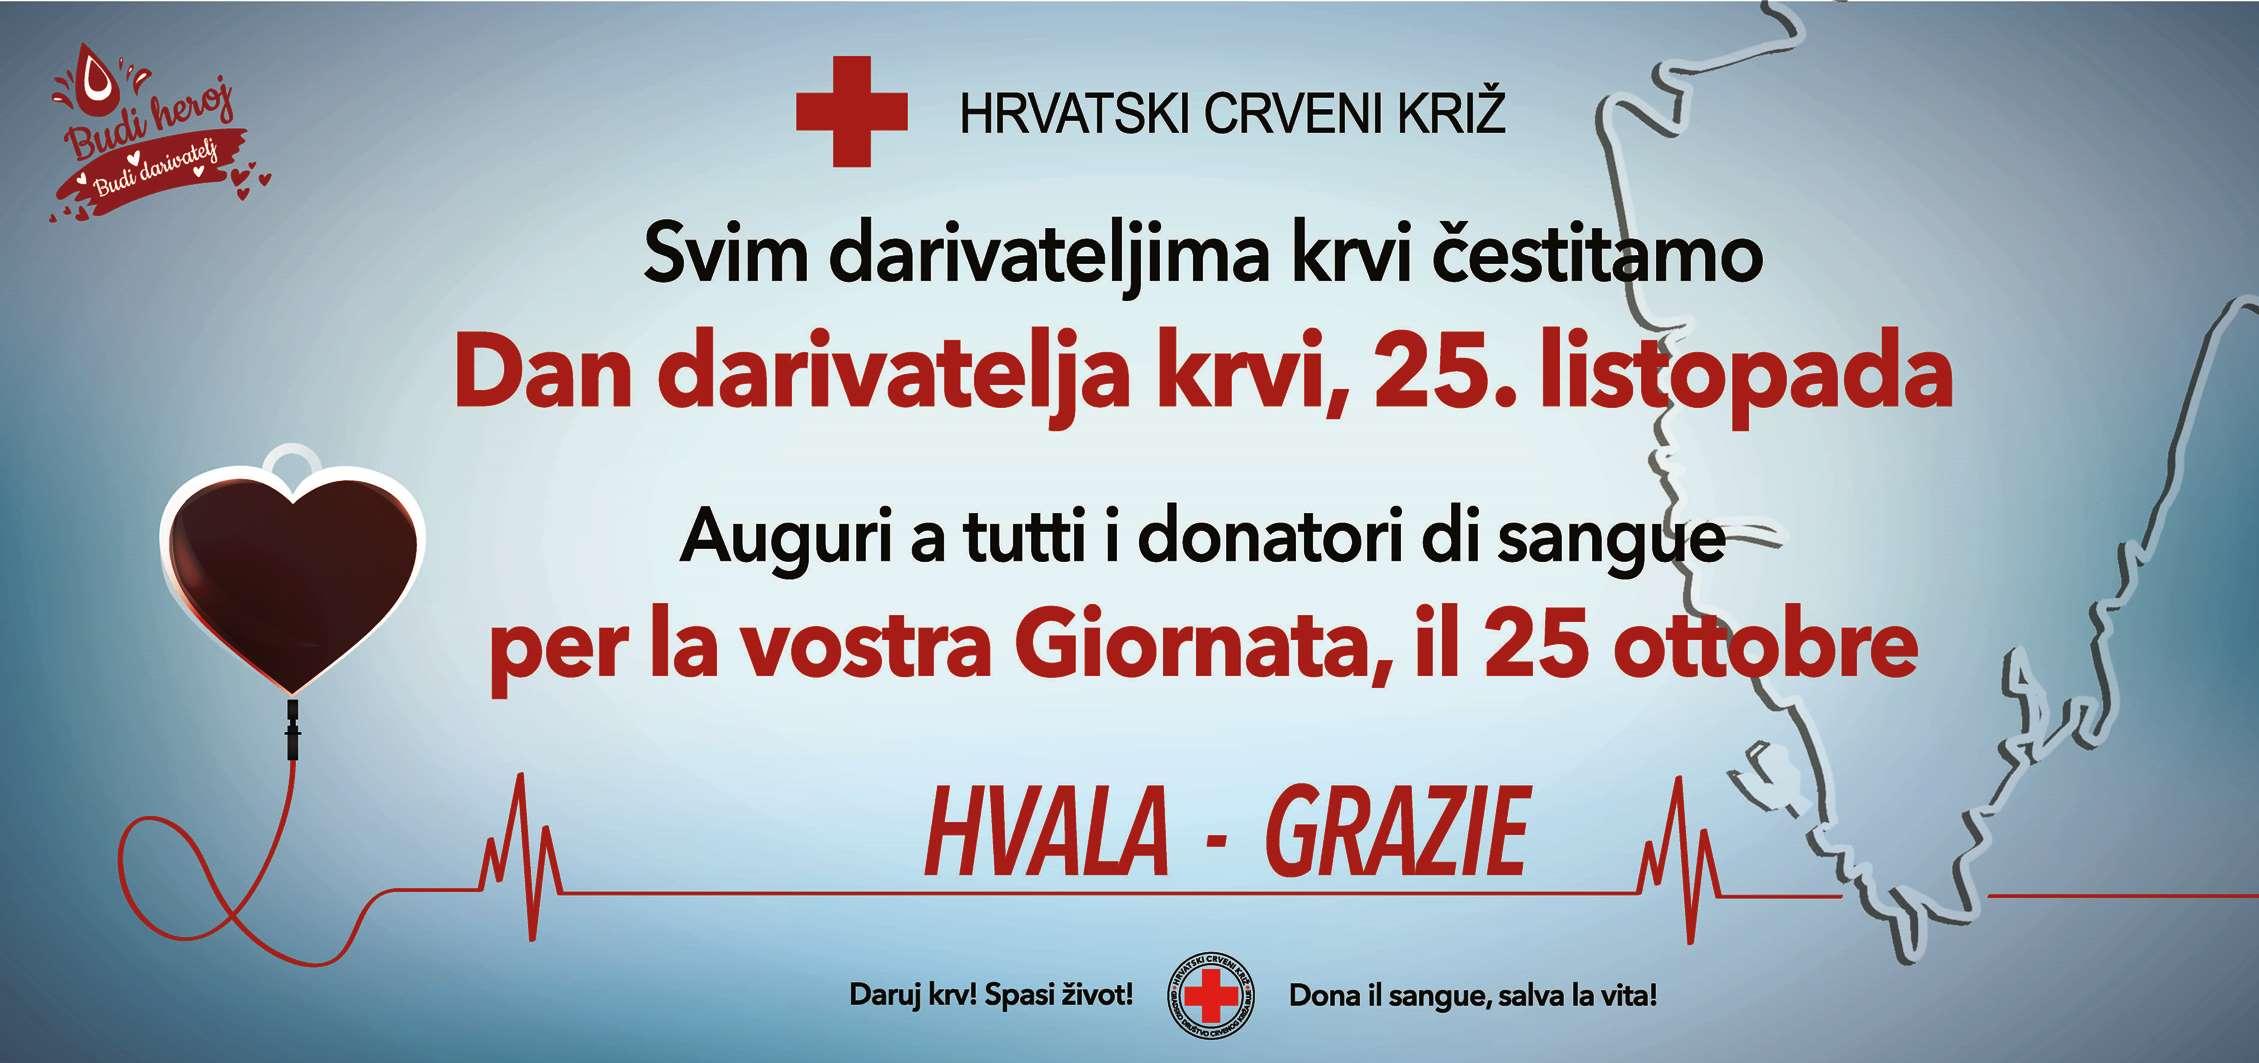 http://www.novigrad.hr/poruka_crvenog_krizha_bujshtine_povodom_dana_darivatelja_krvi_u_rh